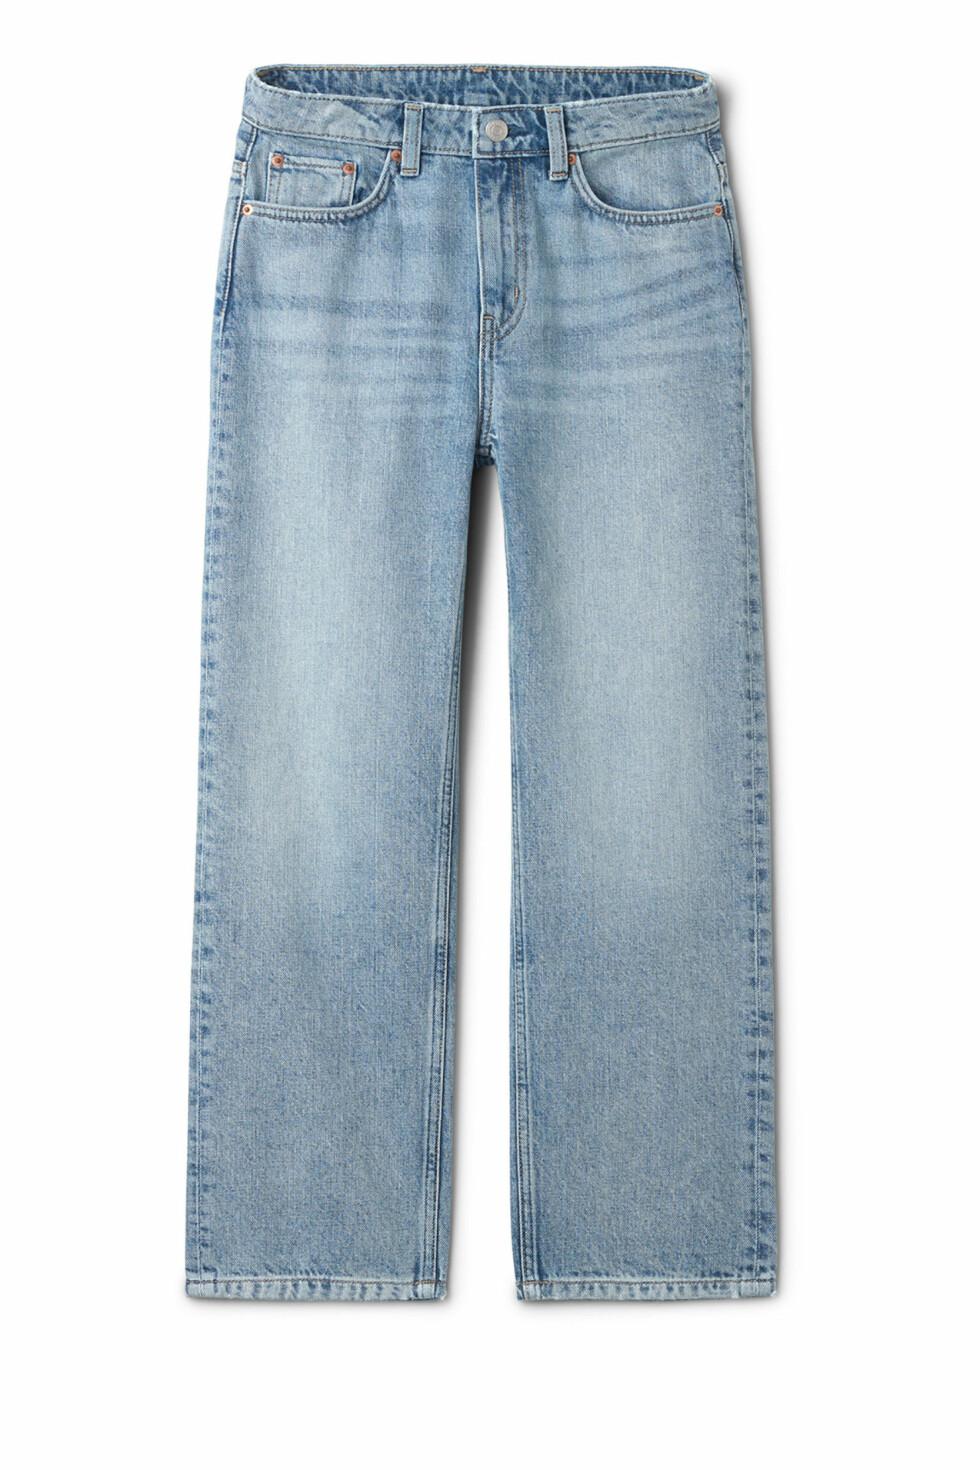 Jeans fra Weekday  500,-  https://www.weekday.com/en_sek/women/categories/jeans/product.voyage-wow-blue-jeans-blue.0444045001.html